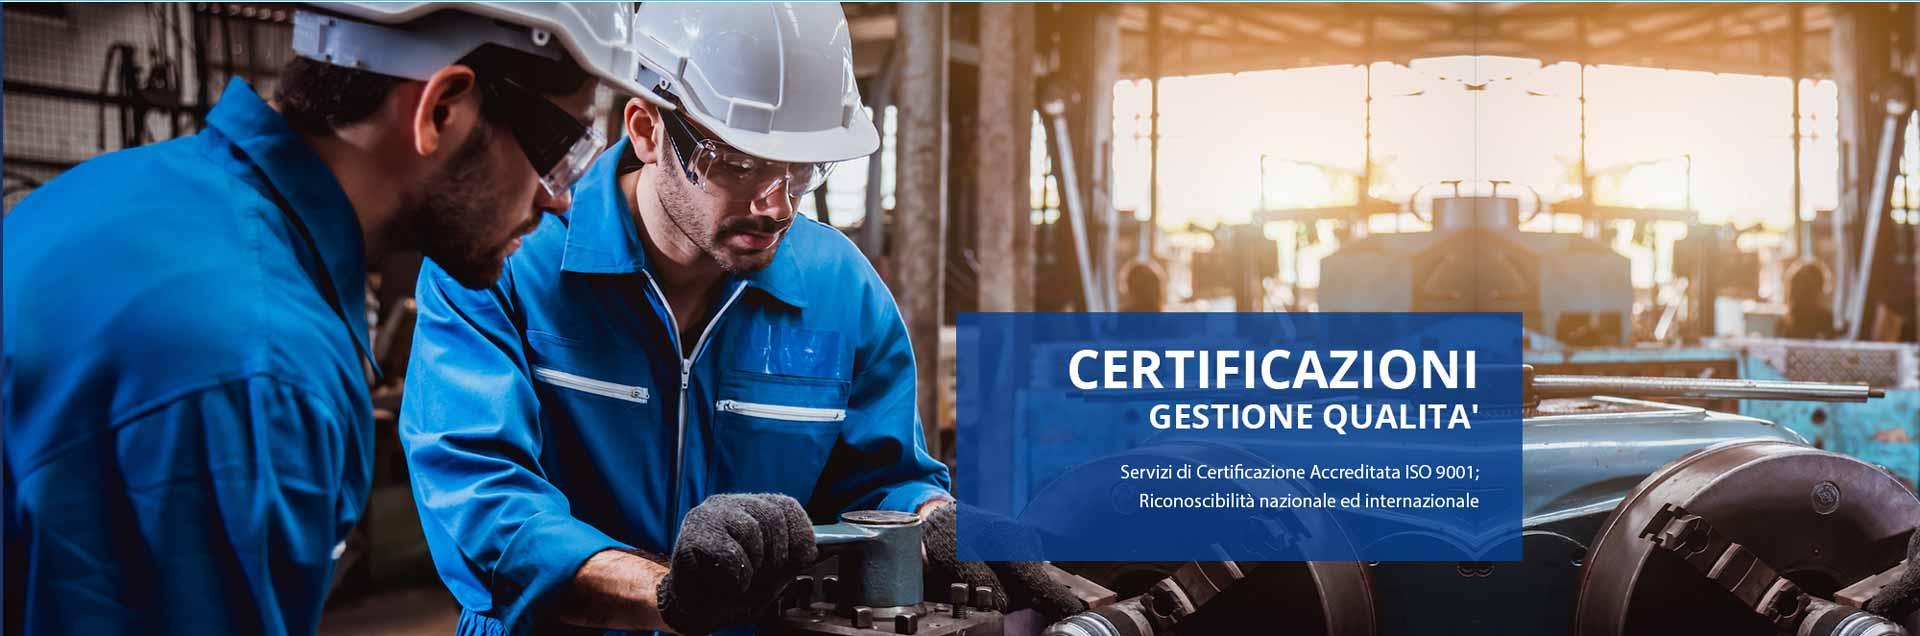 Certificazioni gestione qualita